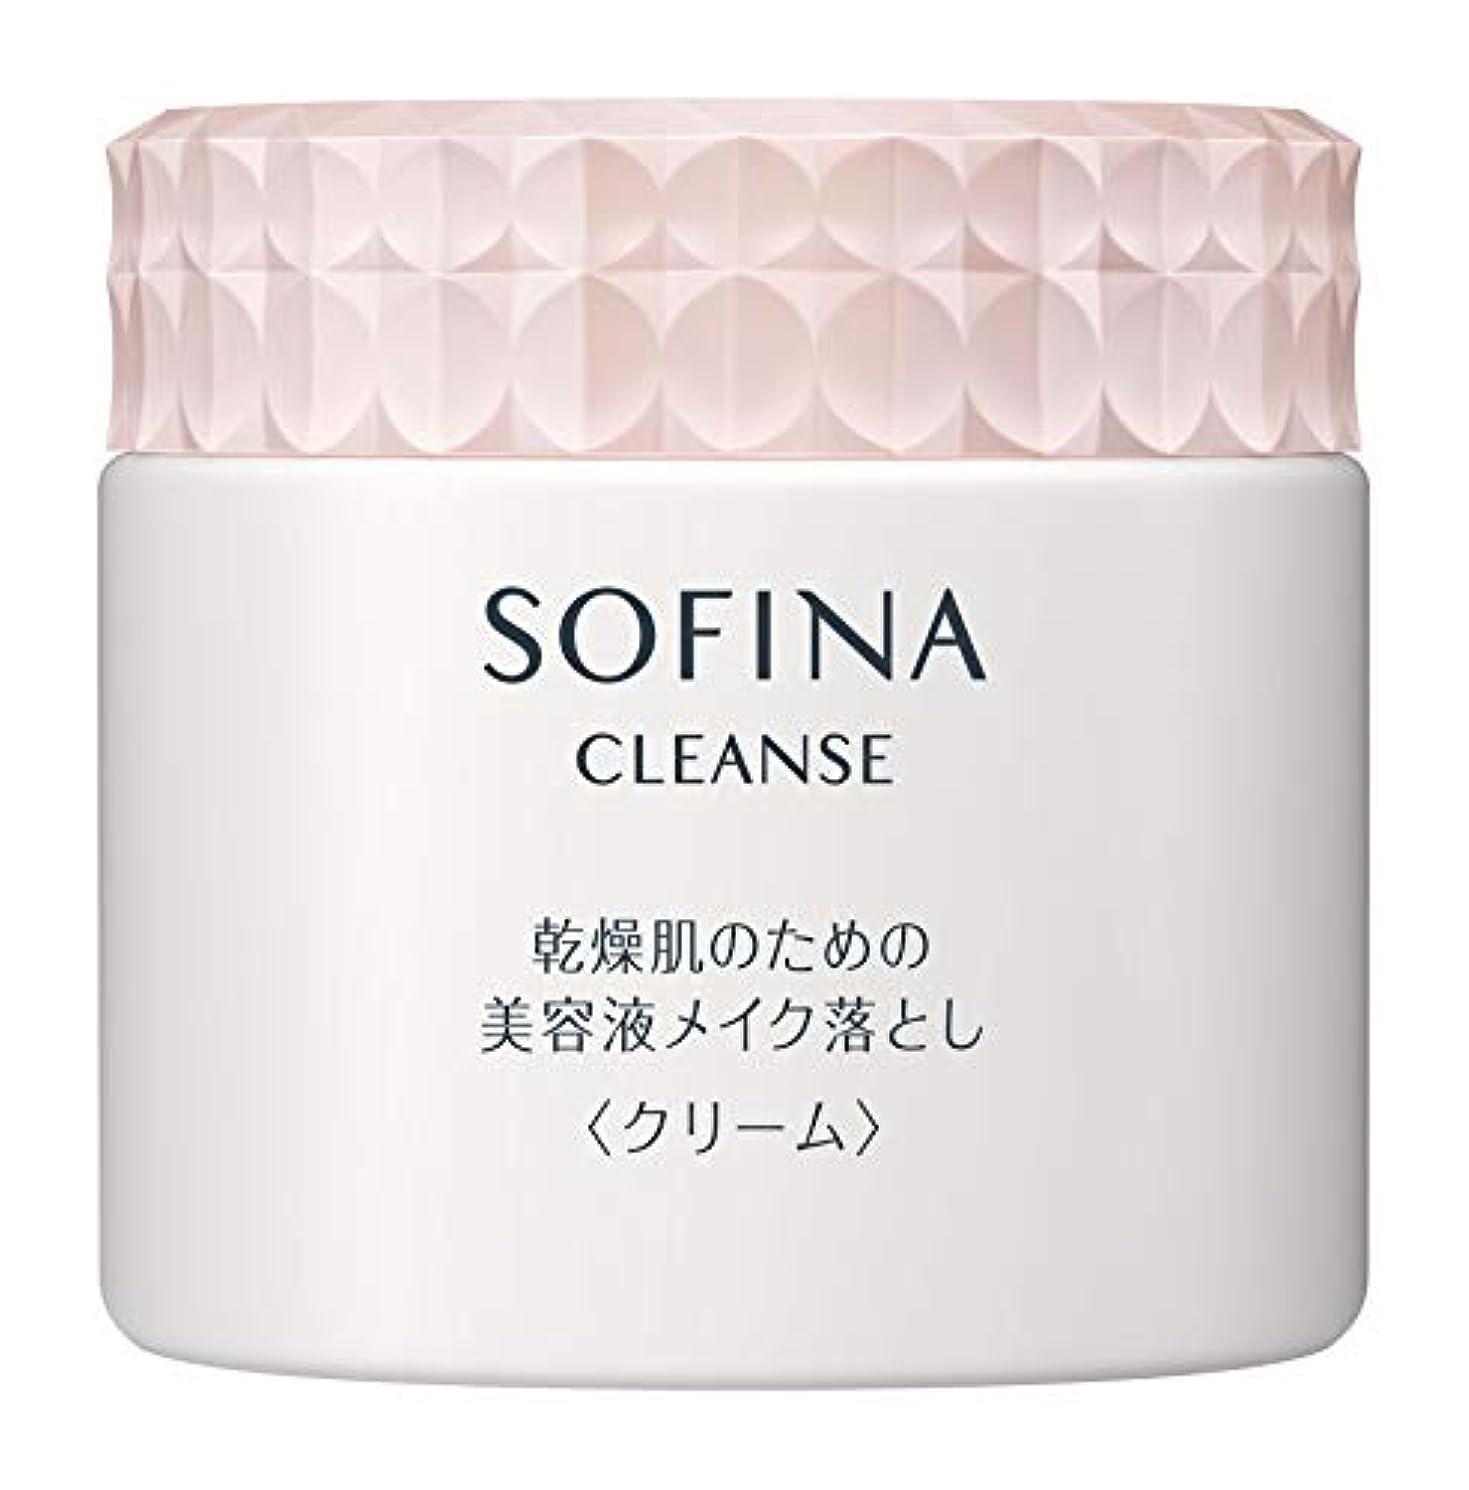 量でペダル書道ソフィーナ 乾燥肌のための美容液メイク落とし クリーム 200g